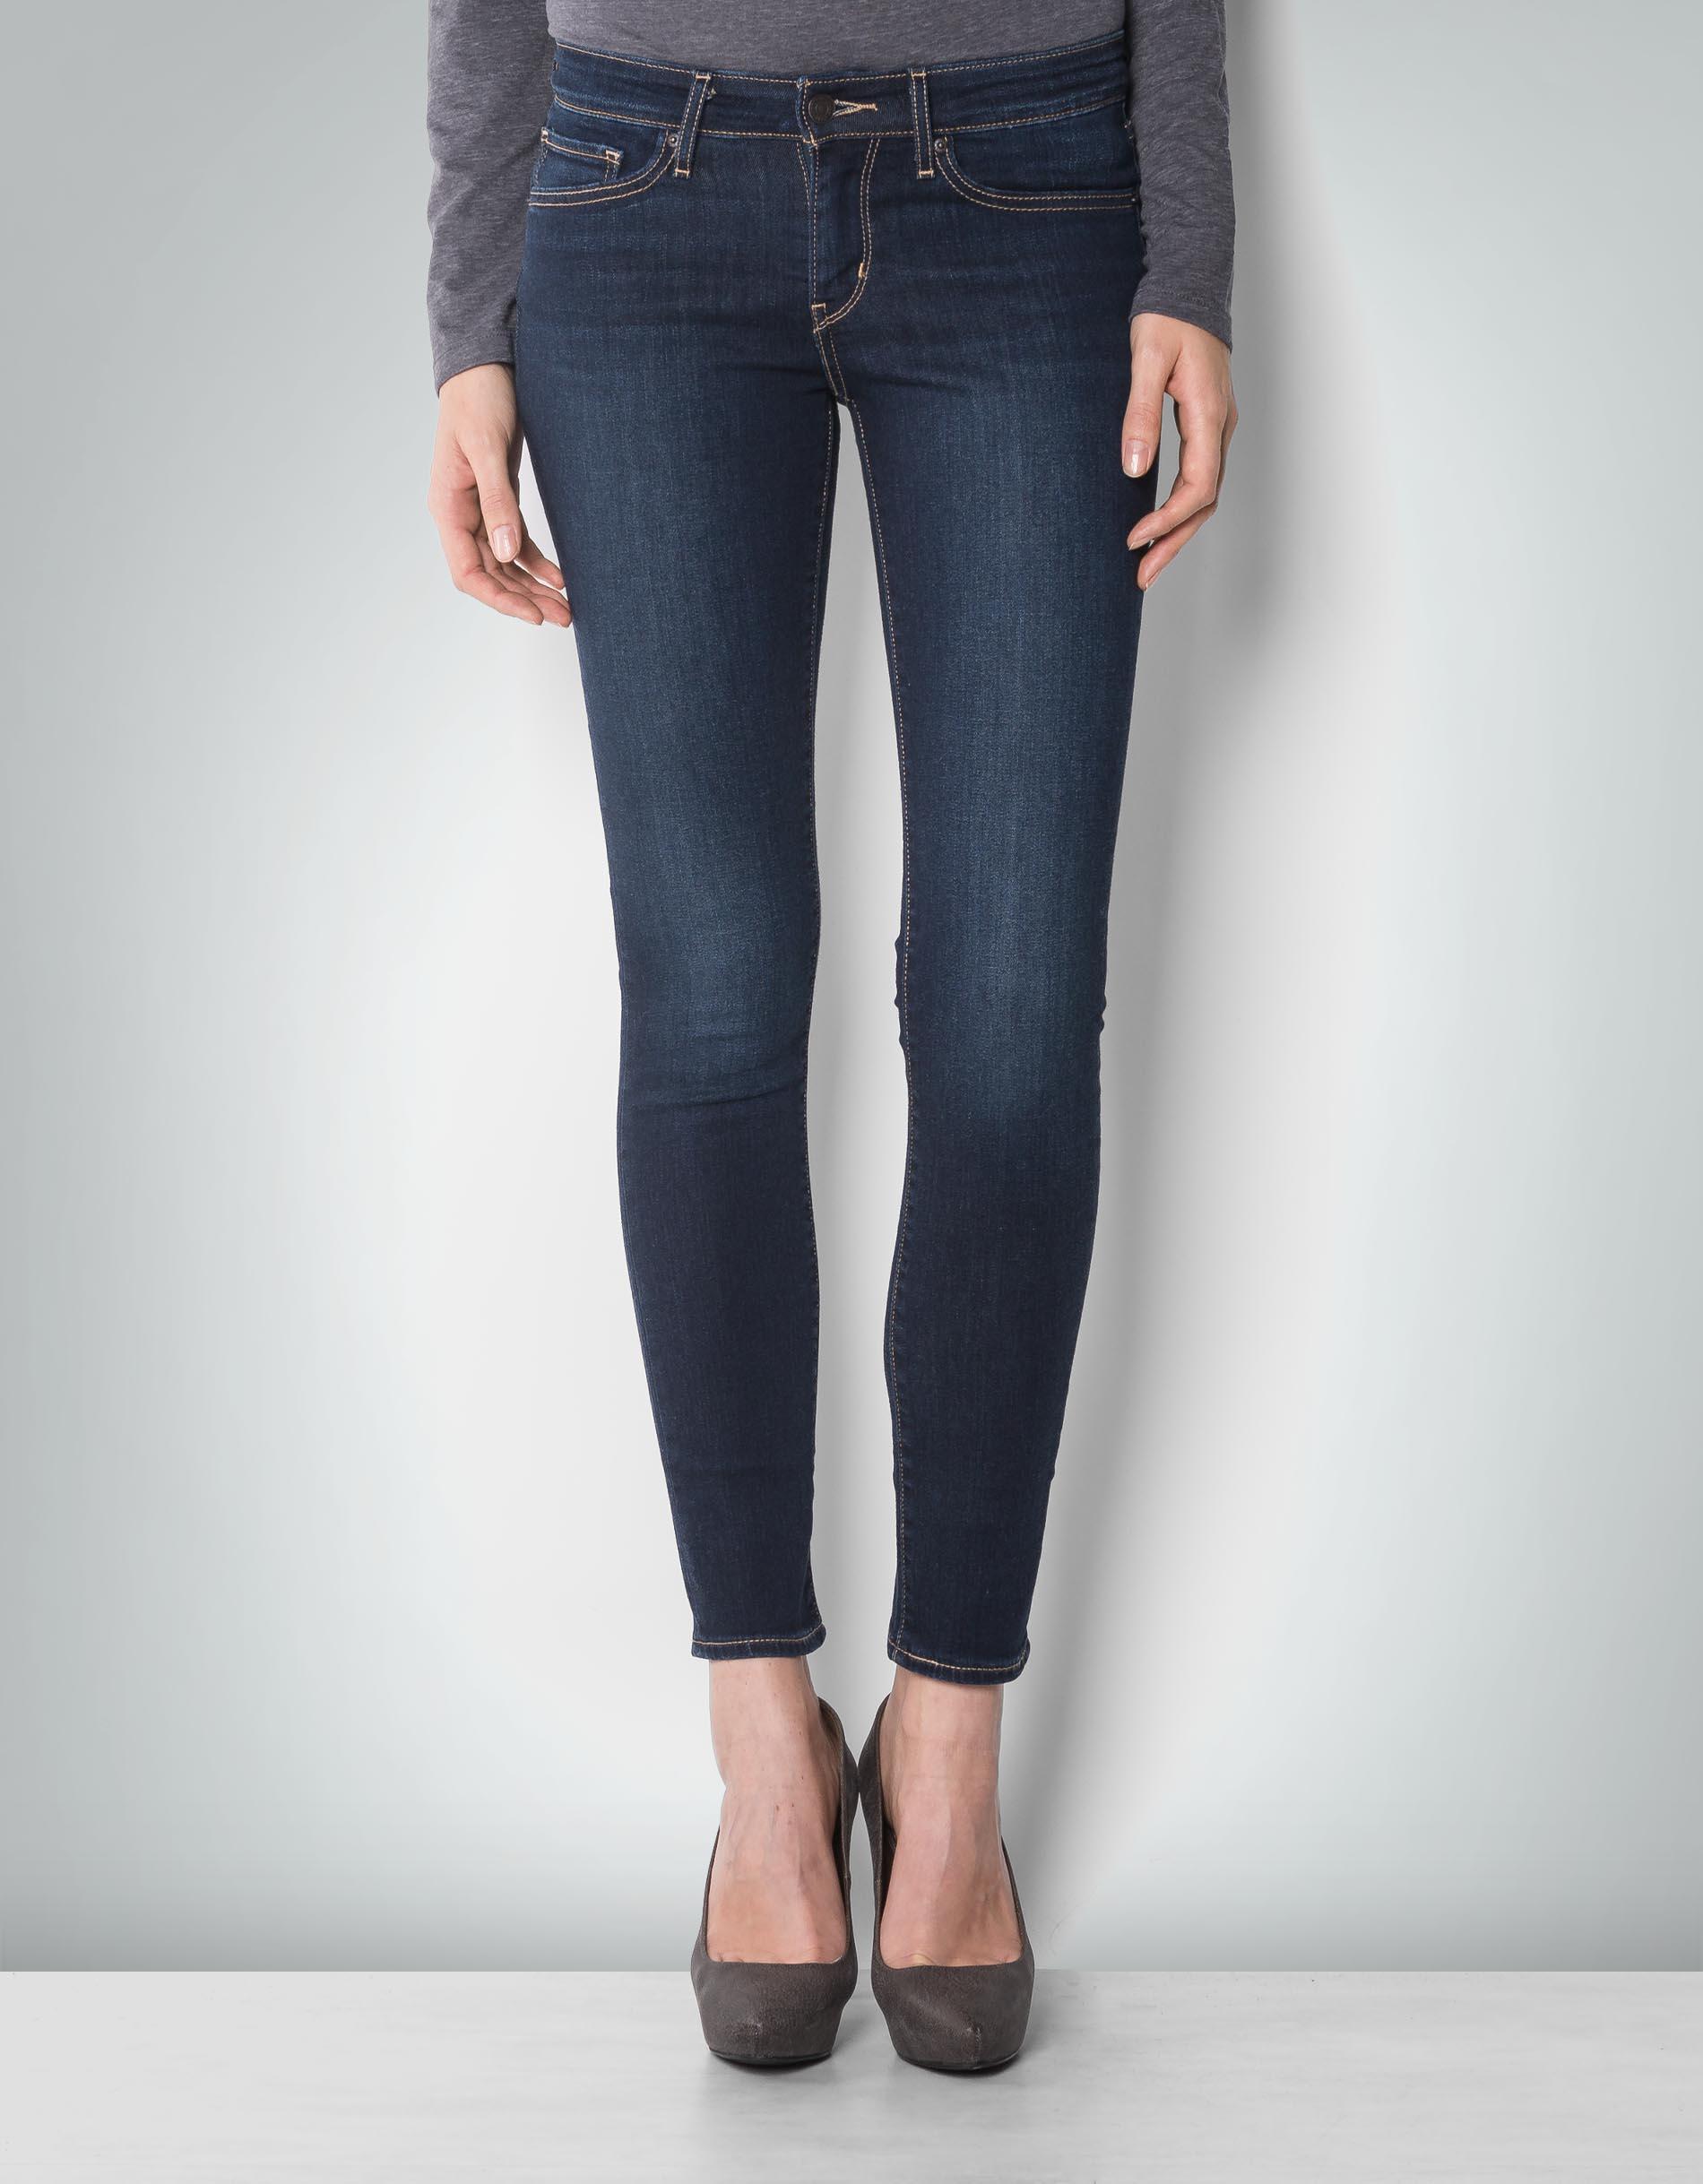 levi 39 s damen skinny daytrip jeans im fit empfohlen von deinen schwestern. Black Bedroom Furniture Sets. Home Design Ideas